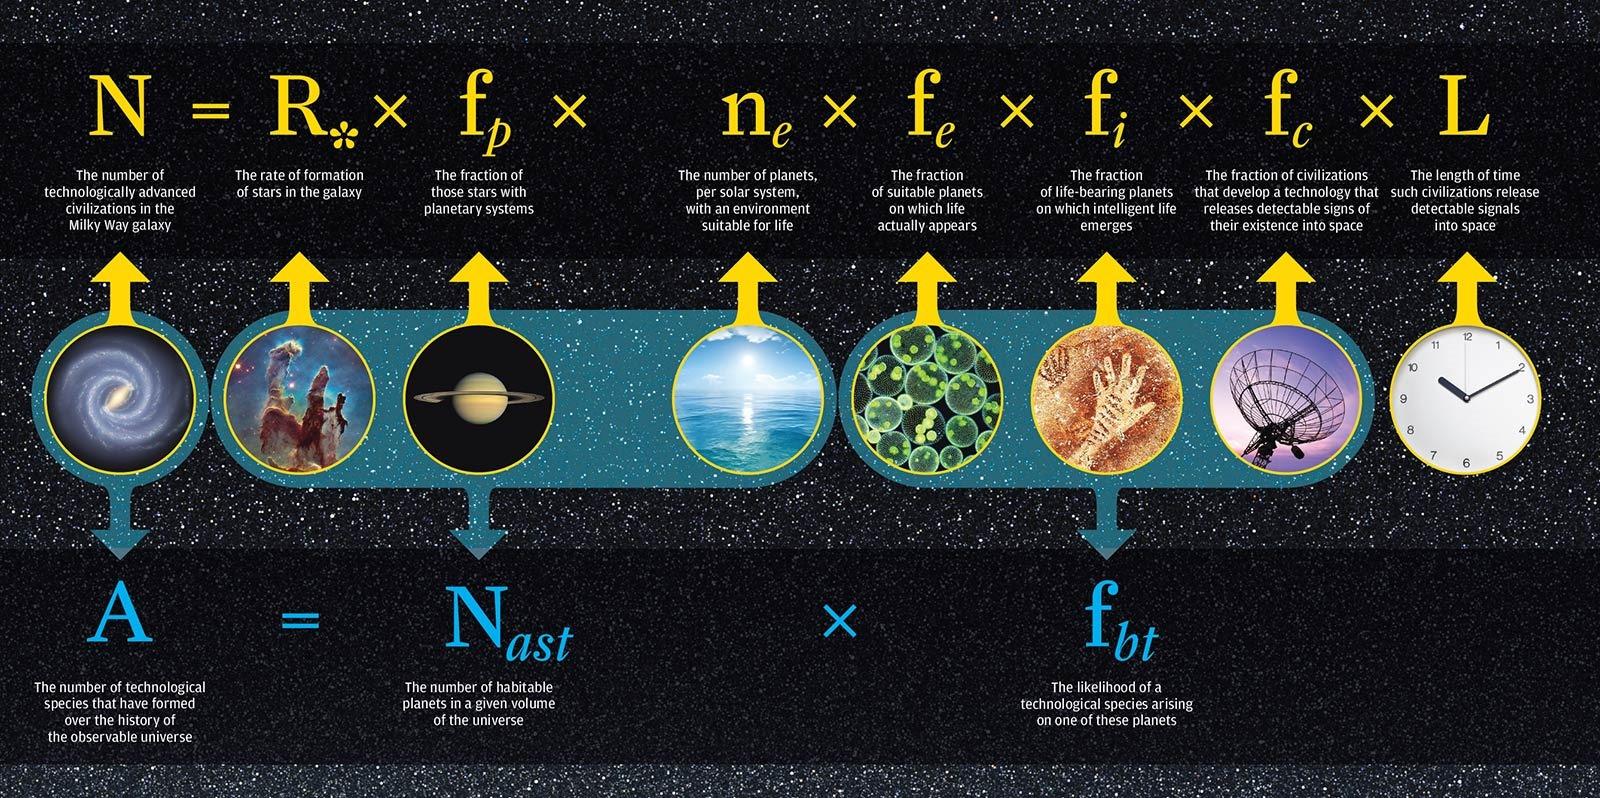 Cette révision de l'équation de Drake prédit que, si des extraterrestres ont existé, ils sont probablement déjà morts Drake-equation